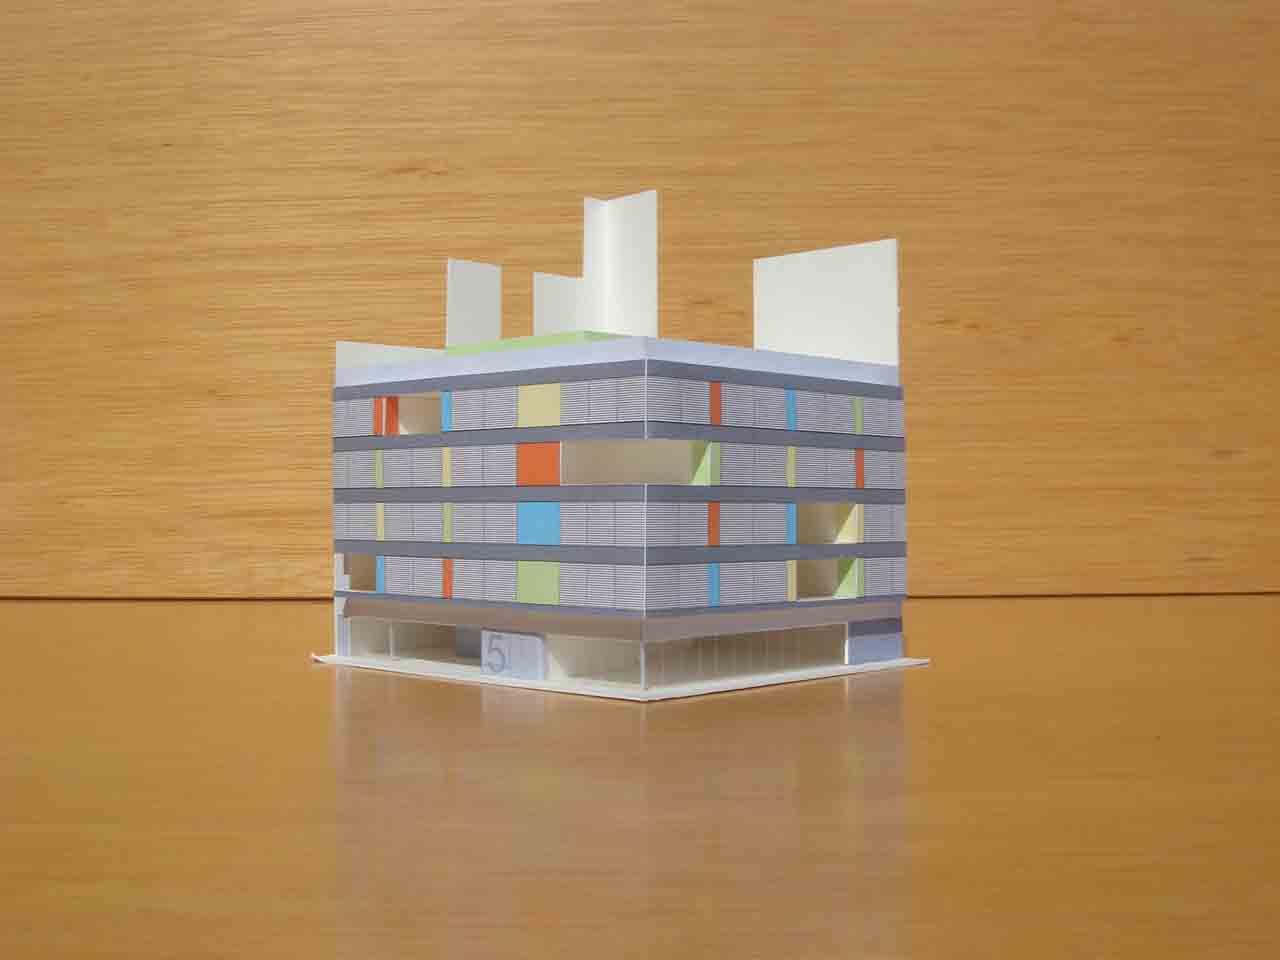 31 HAB LITERA maqueta 2007-10-01 001.jpg